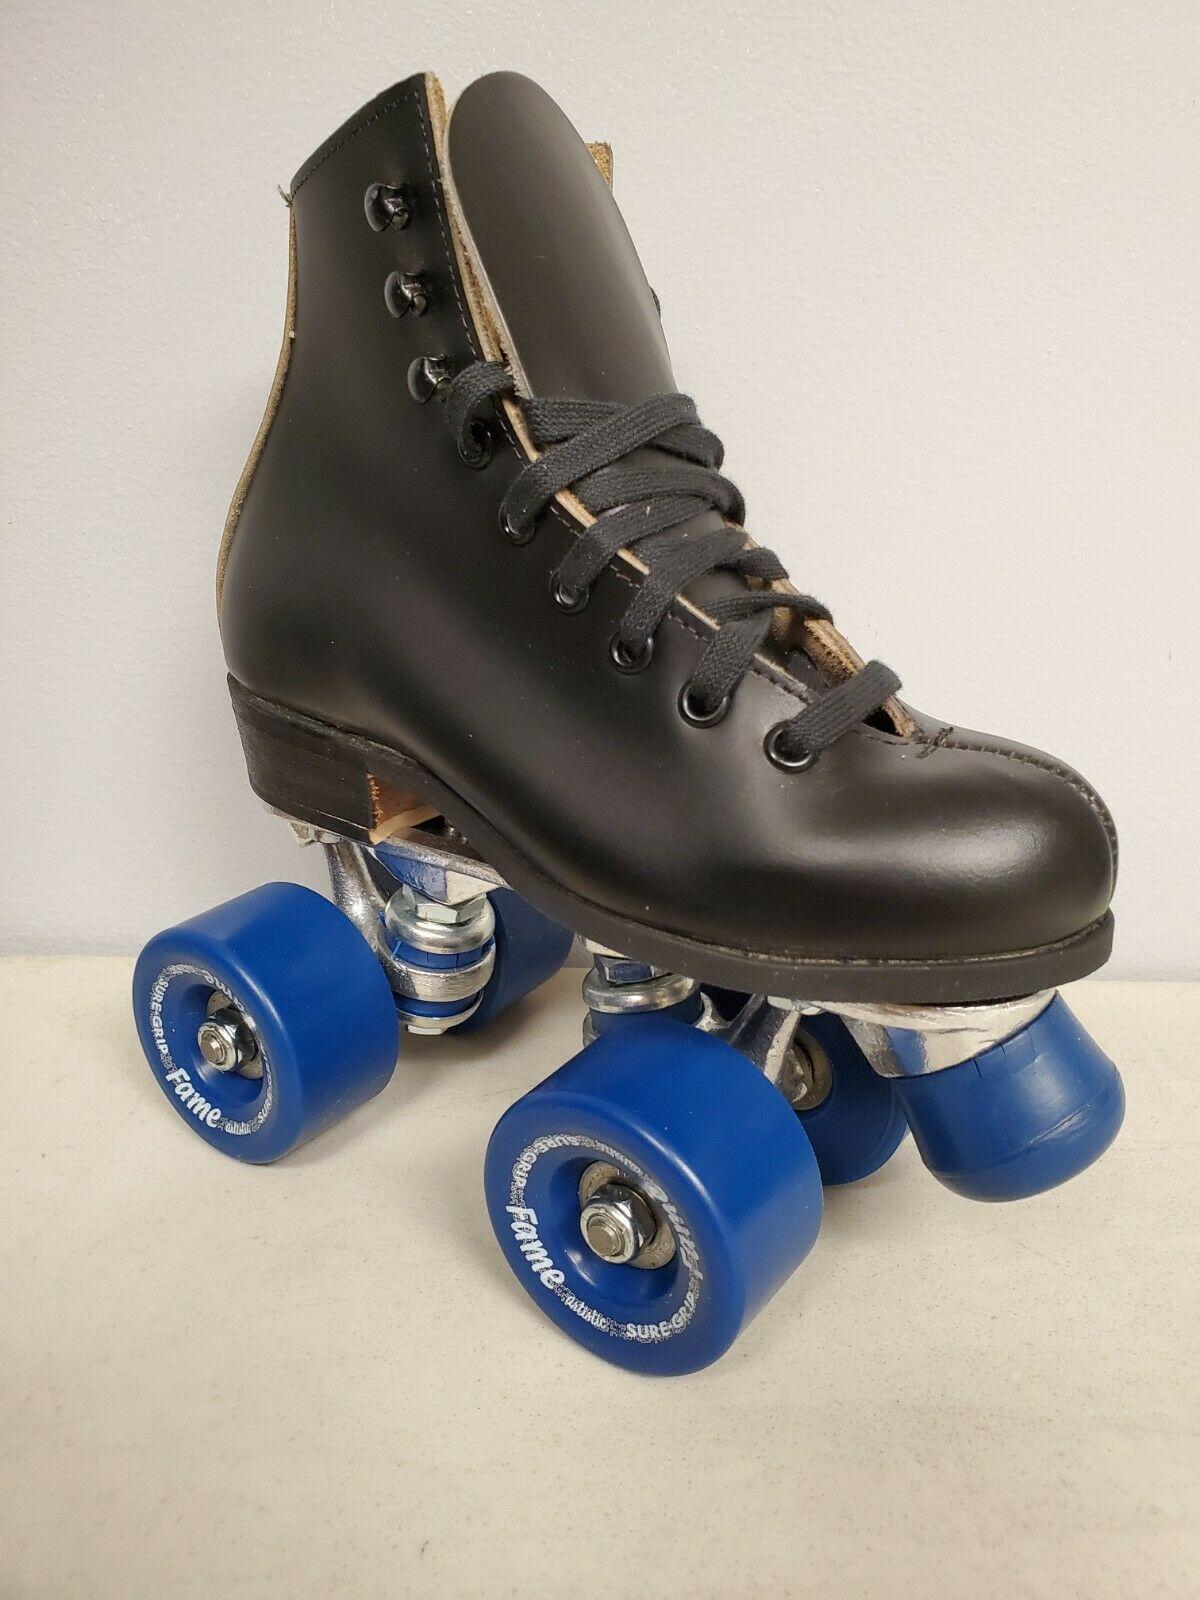 Vintage Roller skates Red leather skates - Roller skates Adjustable size roller skates